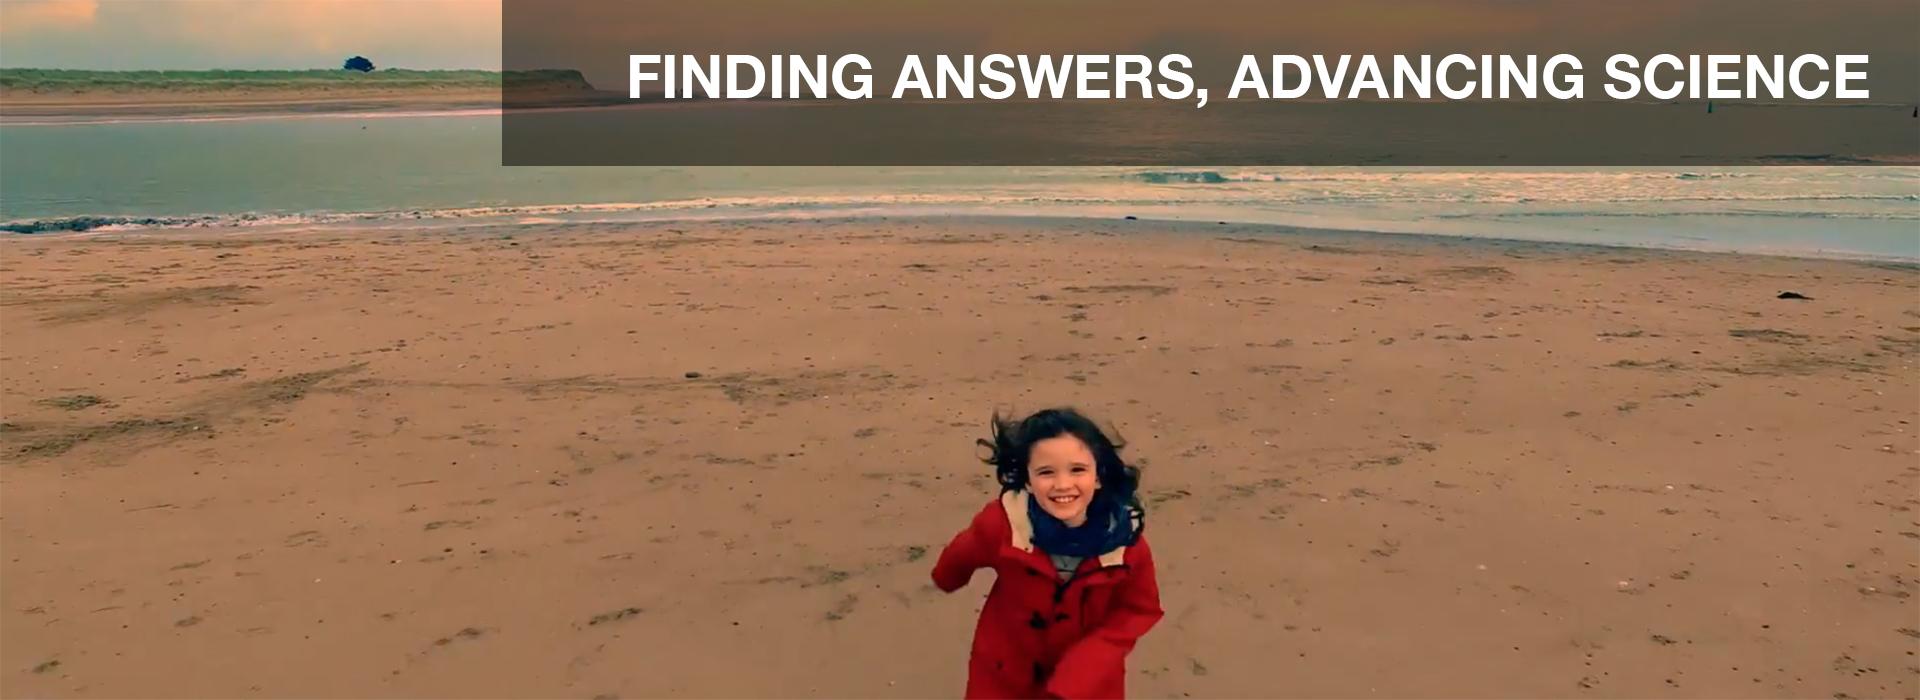 寻找答案,推进科学发展